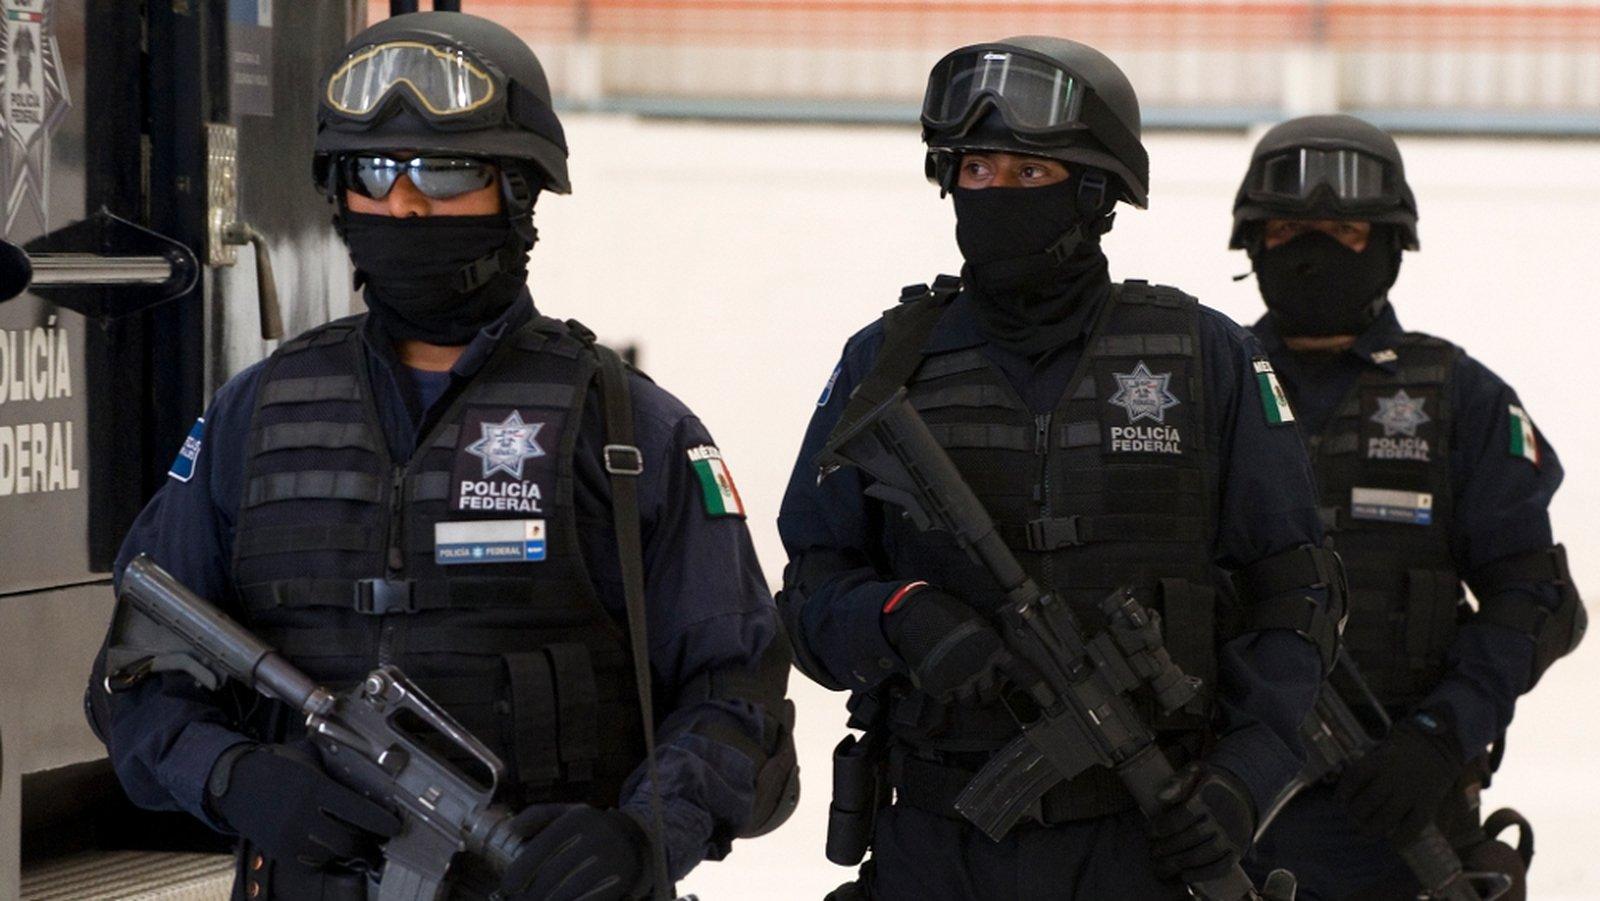 Mexikó bűnüldözés | Cryptofalka